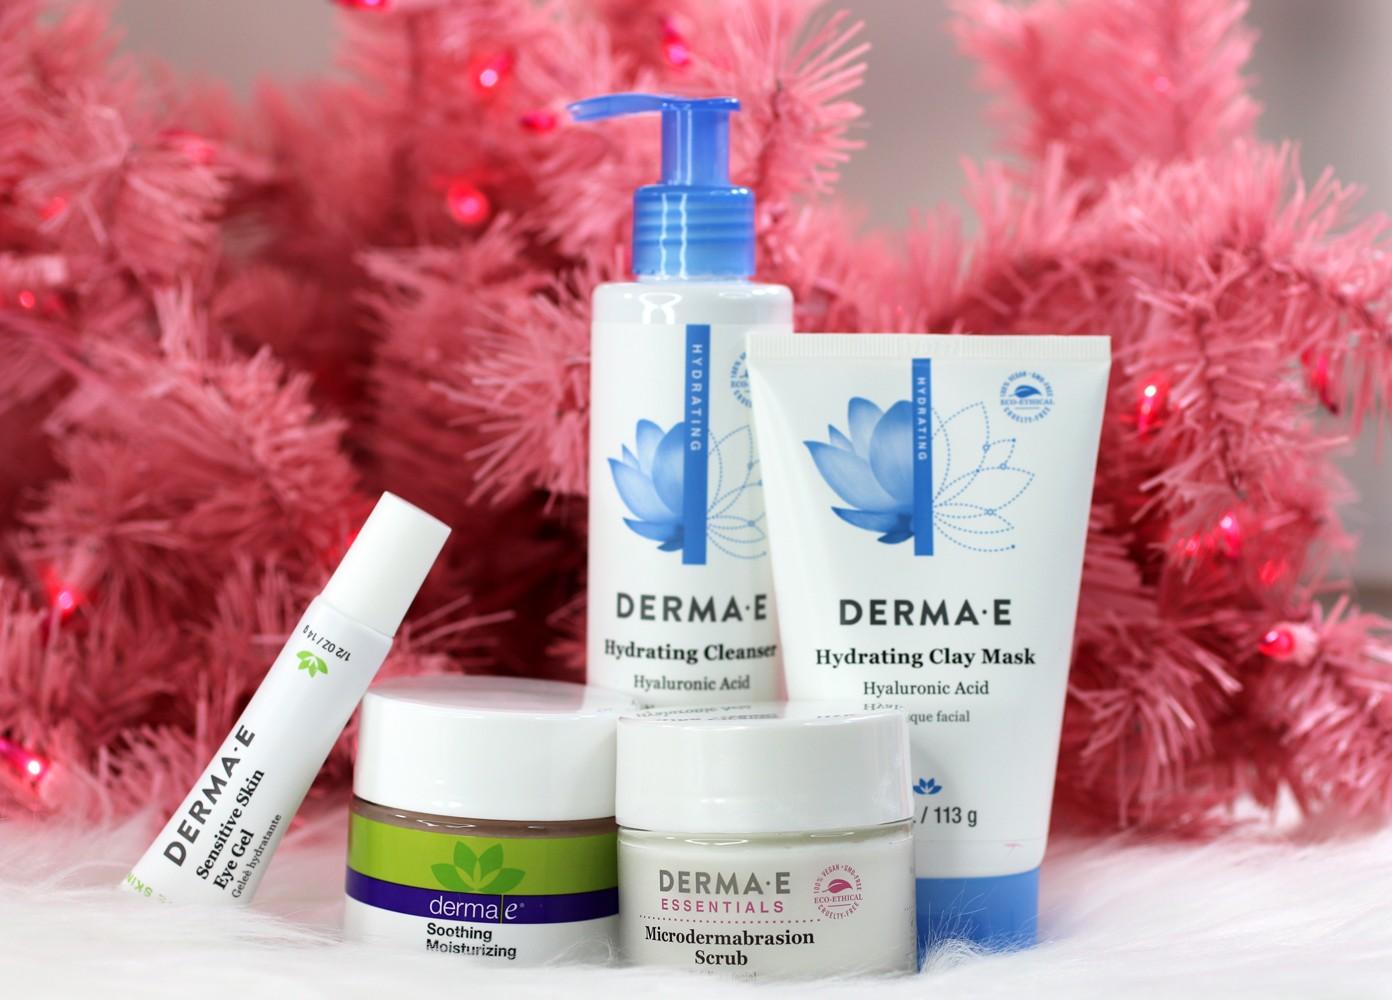 Derma E Beauty Prep Gift Set